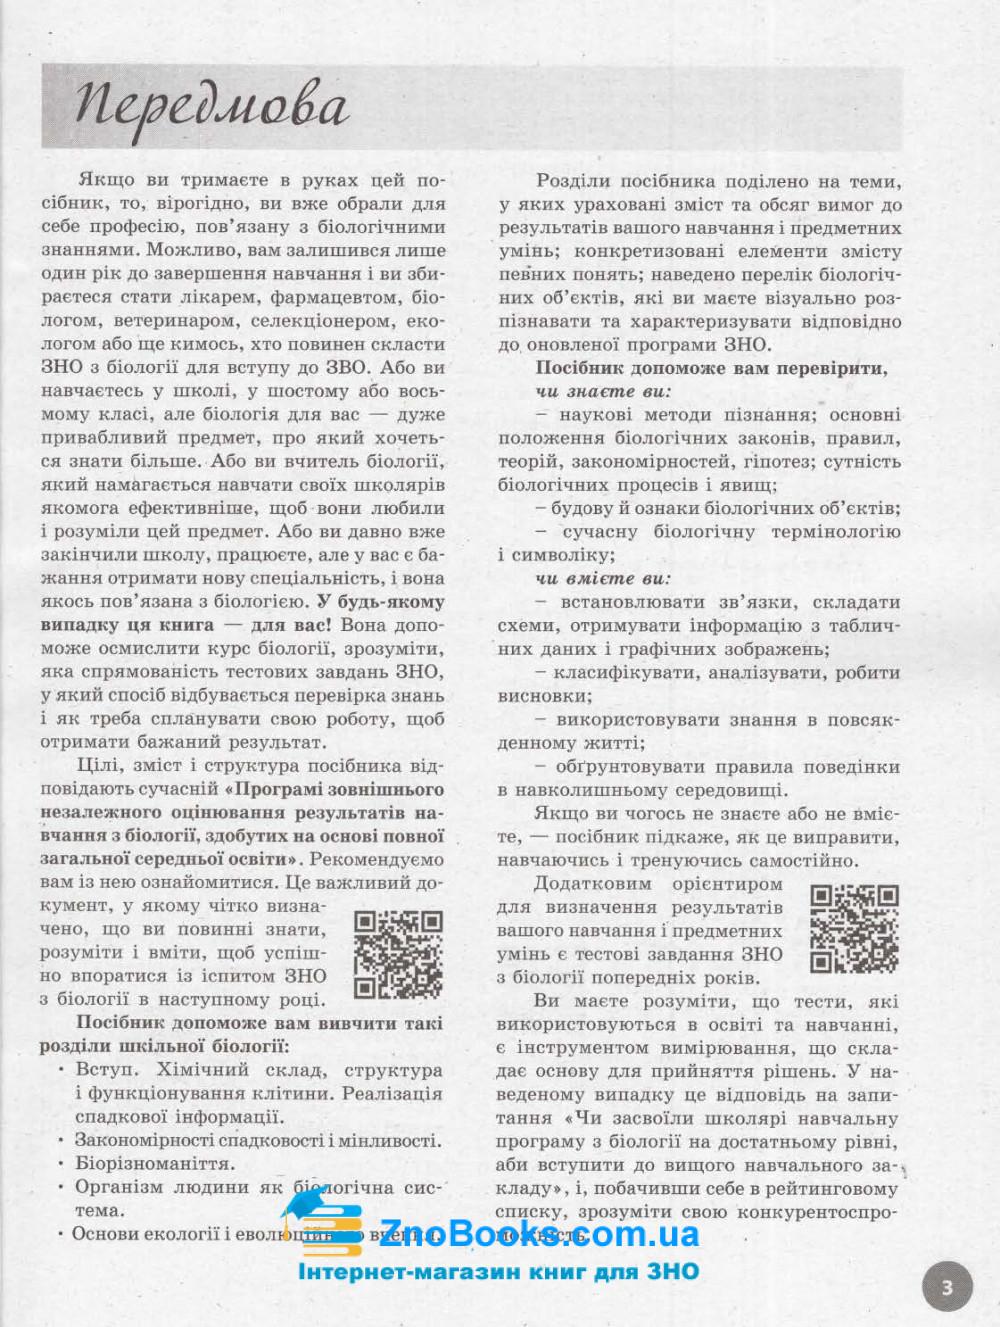 Інтерактивний довідник-практикум із тестами з біології до ЗНО 2022 : Тагліна О.  Ранок. купити 3